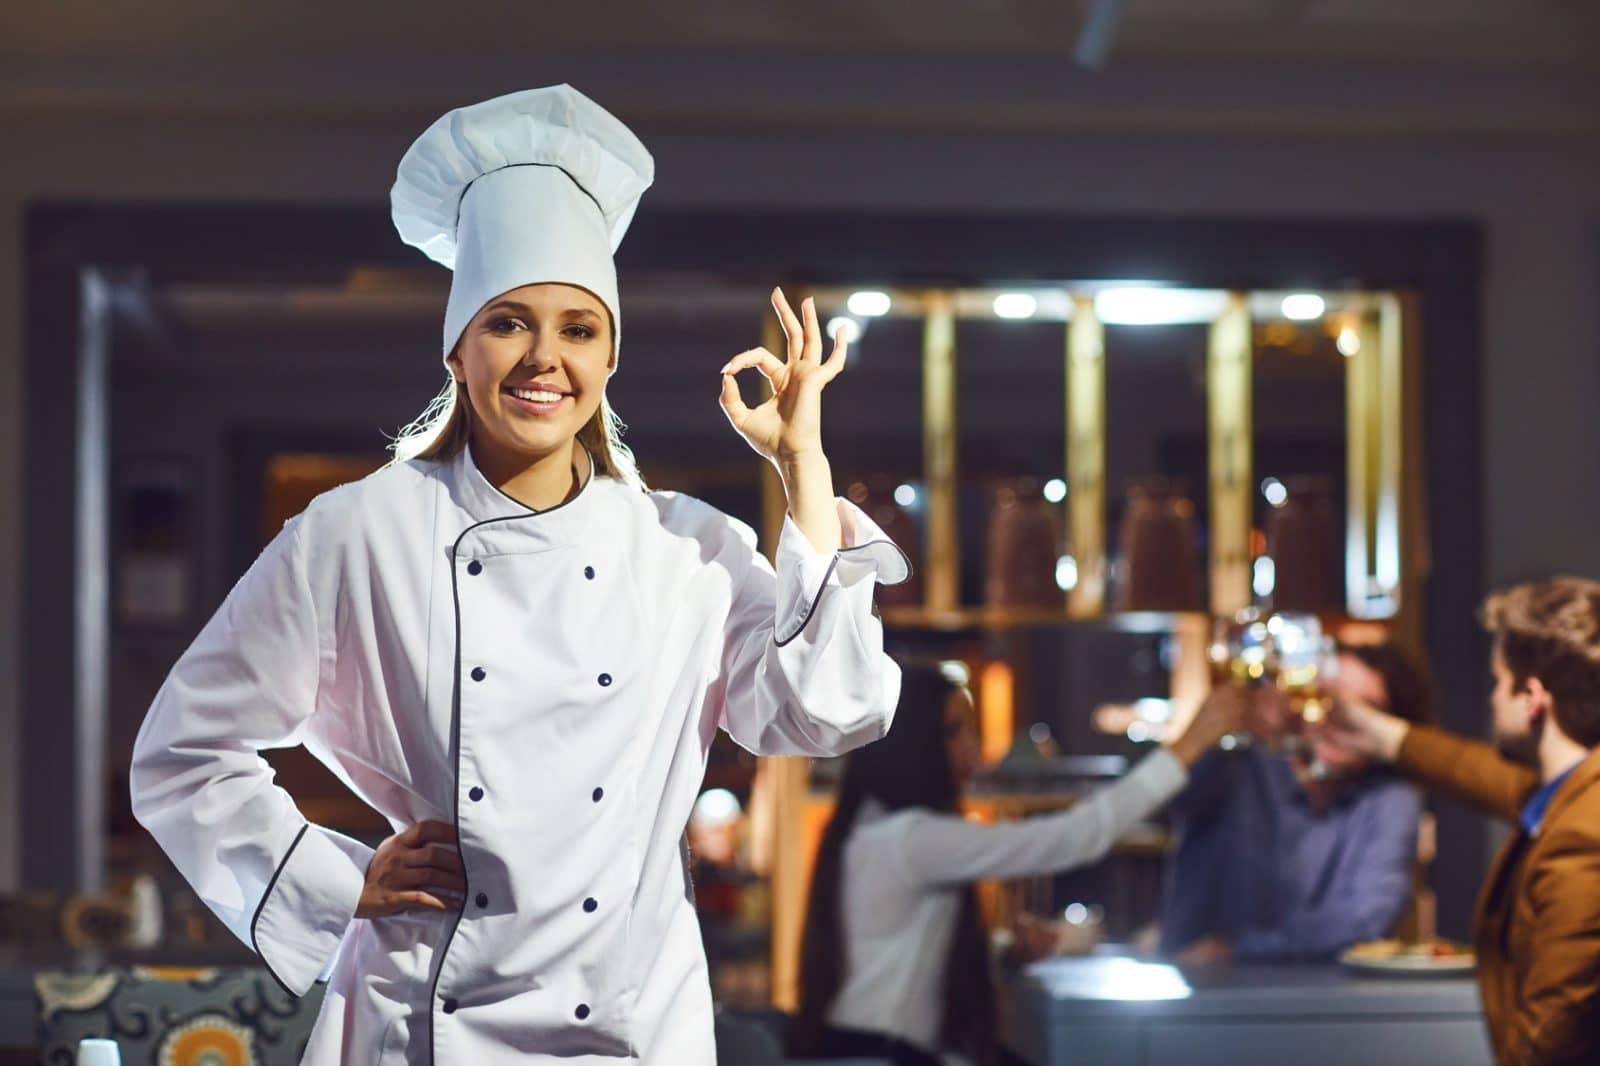 Maszynka do mielenia mięsa w restauracji - co wybrać?